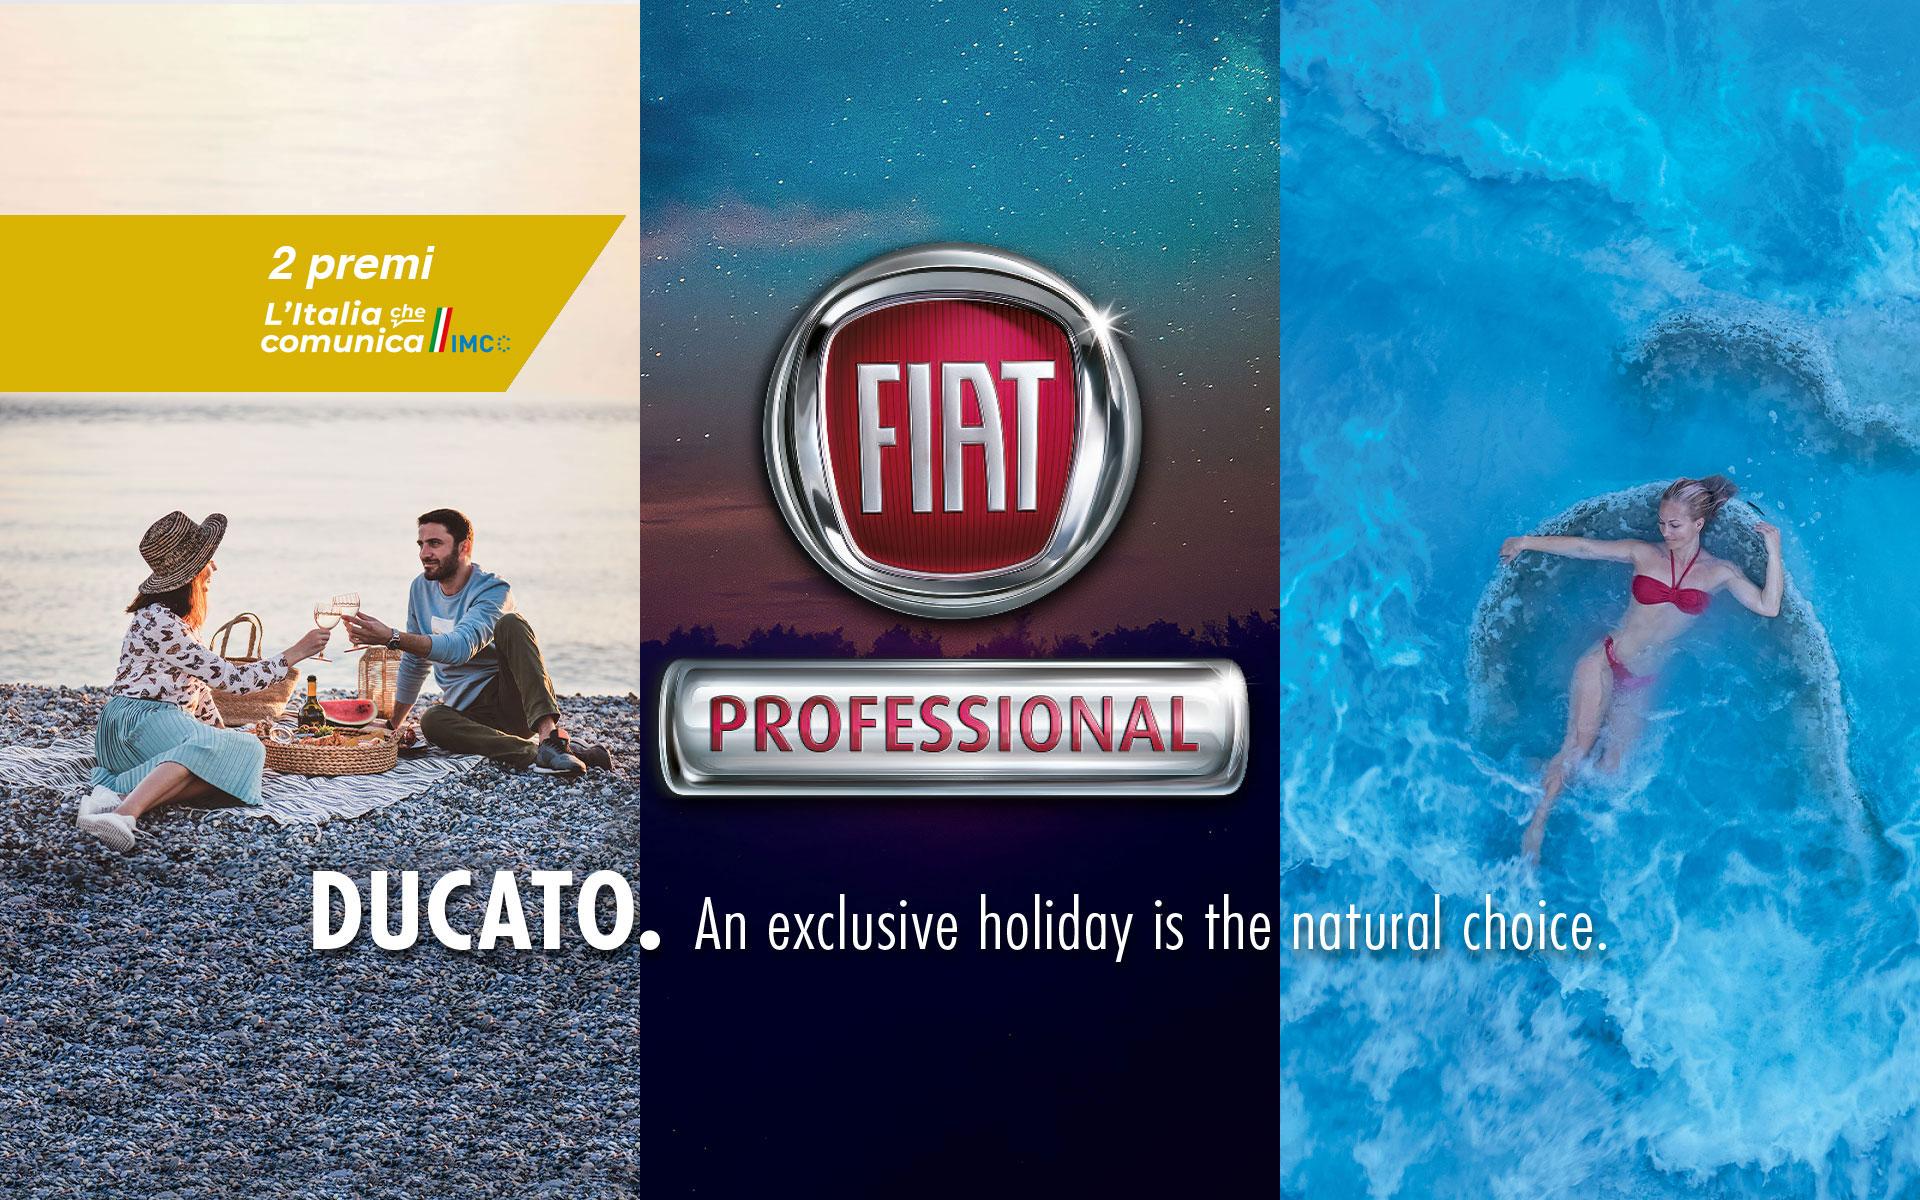 Vacanze Stellate – Fiat Ducato